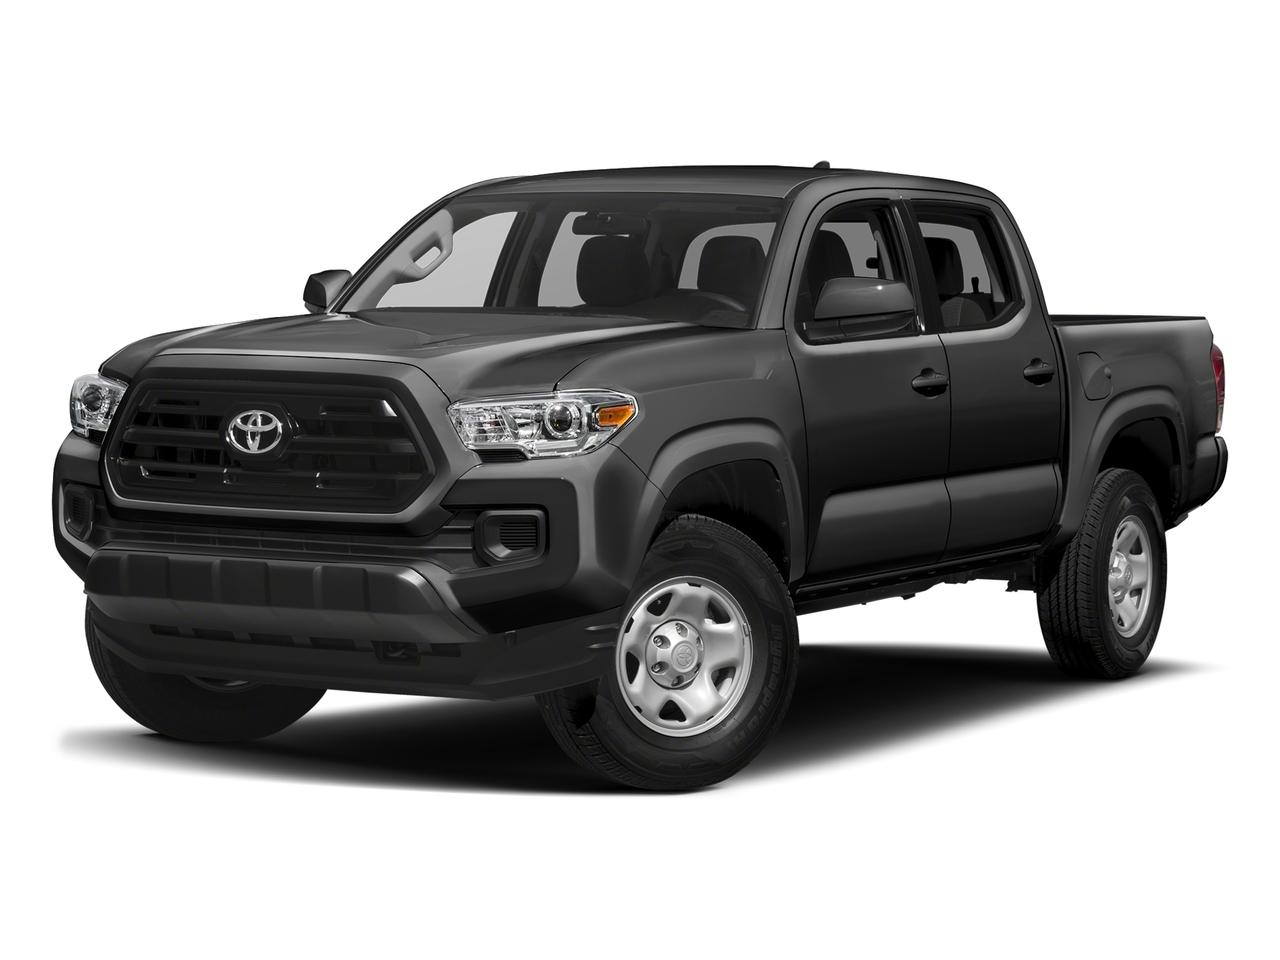 2017 Toyota Tacoma Vehicle Photo in Johnson City, TN 37601